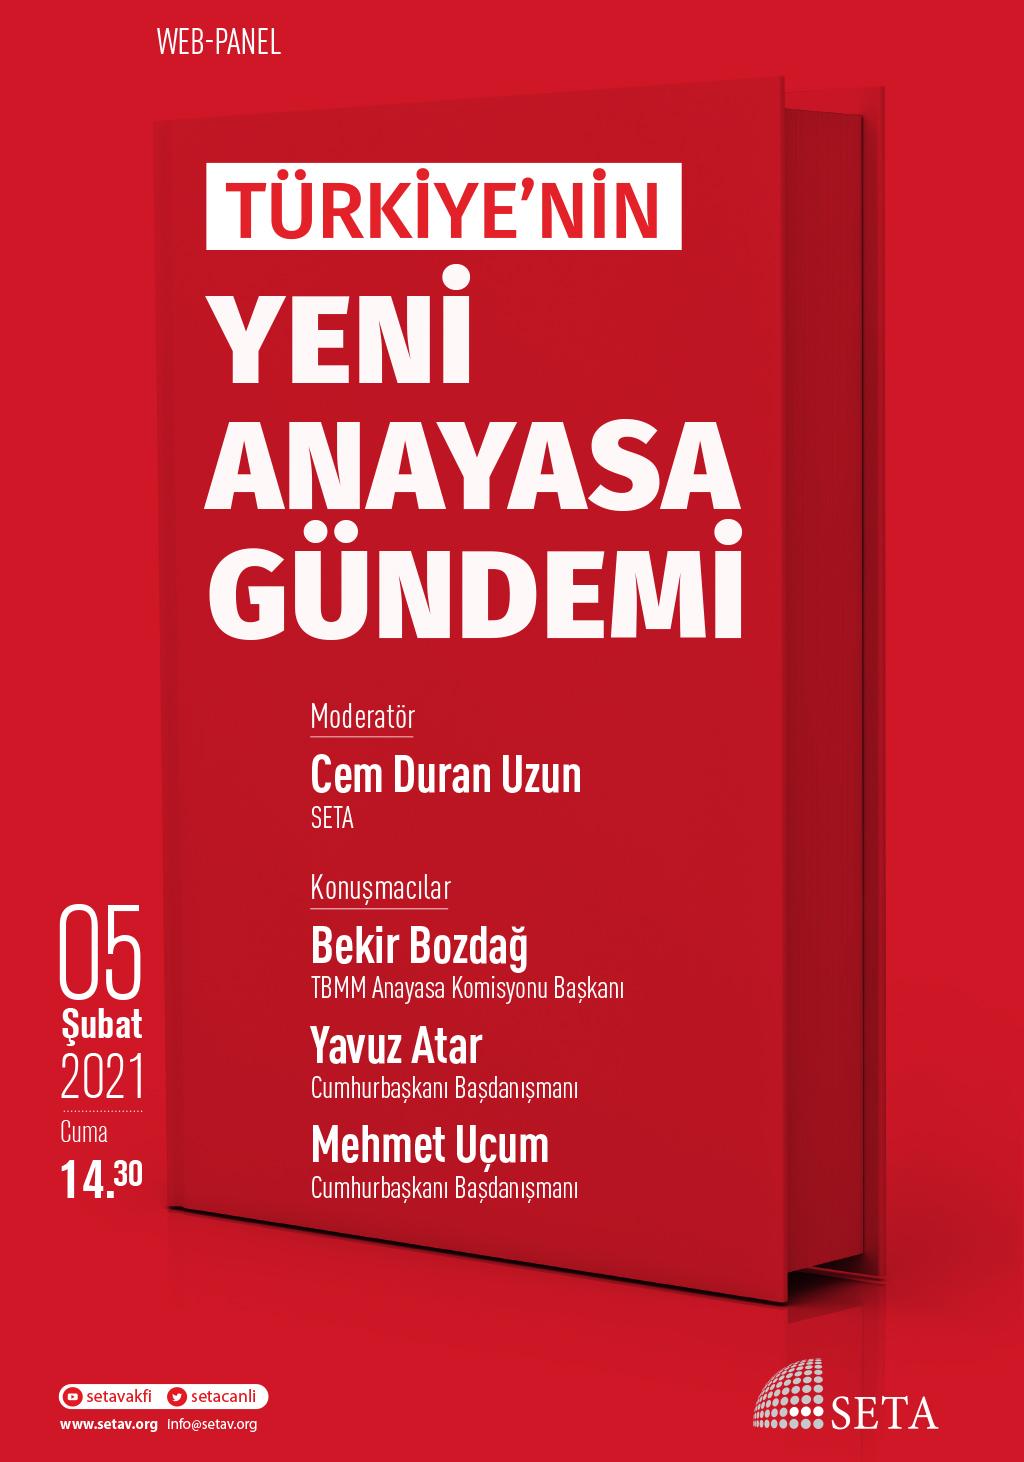 Web Panel: Türkiye'nin Yeni Anayasa Gündemi